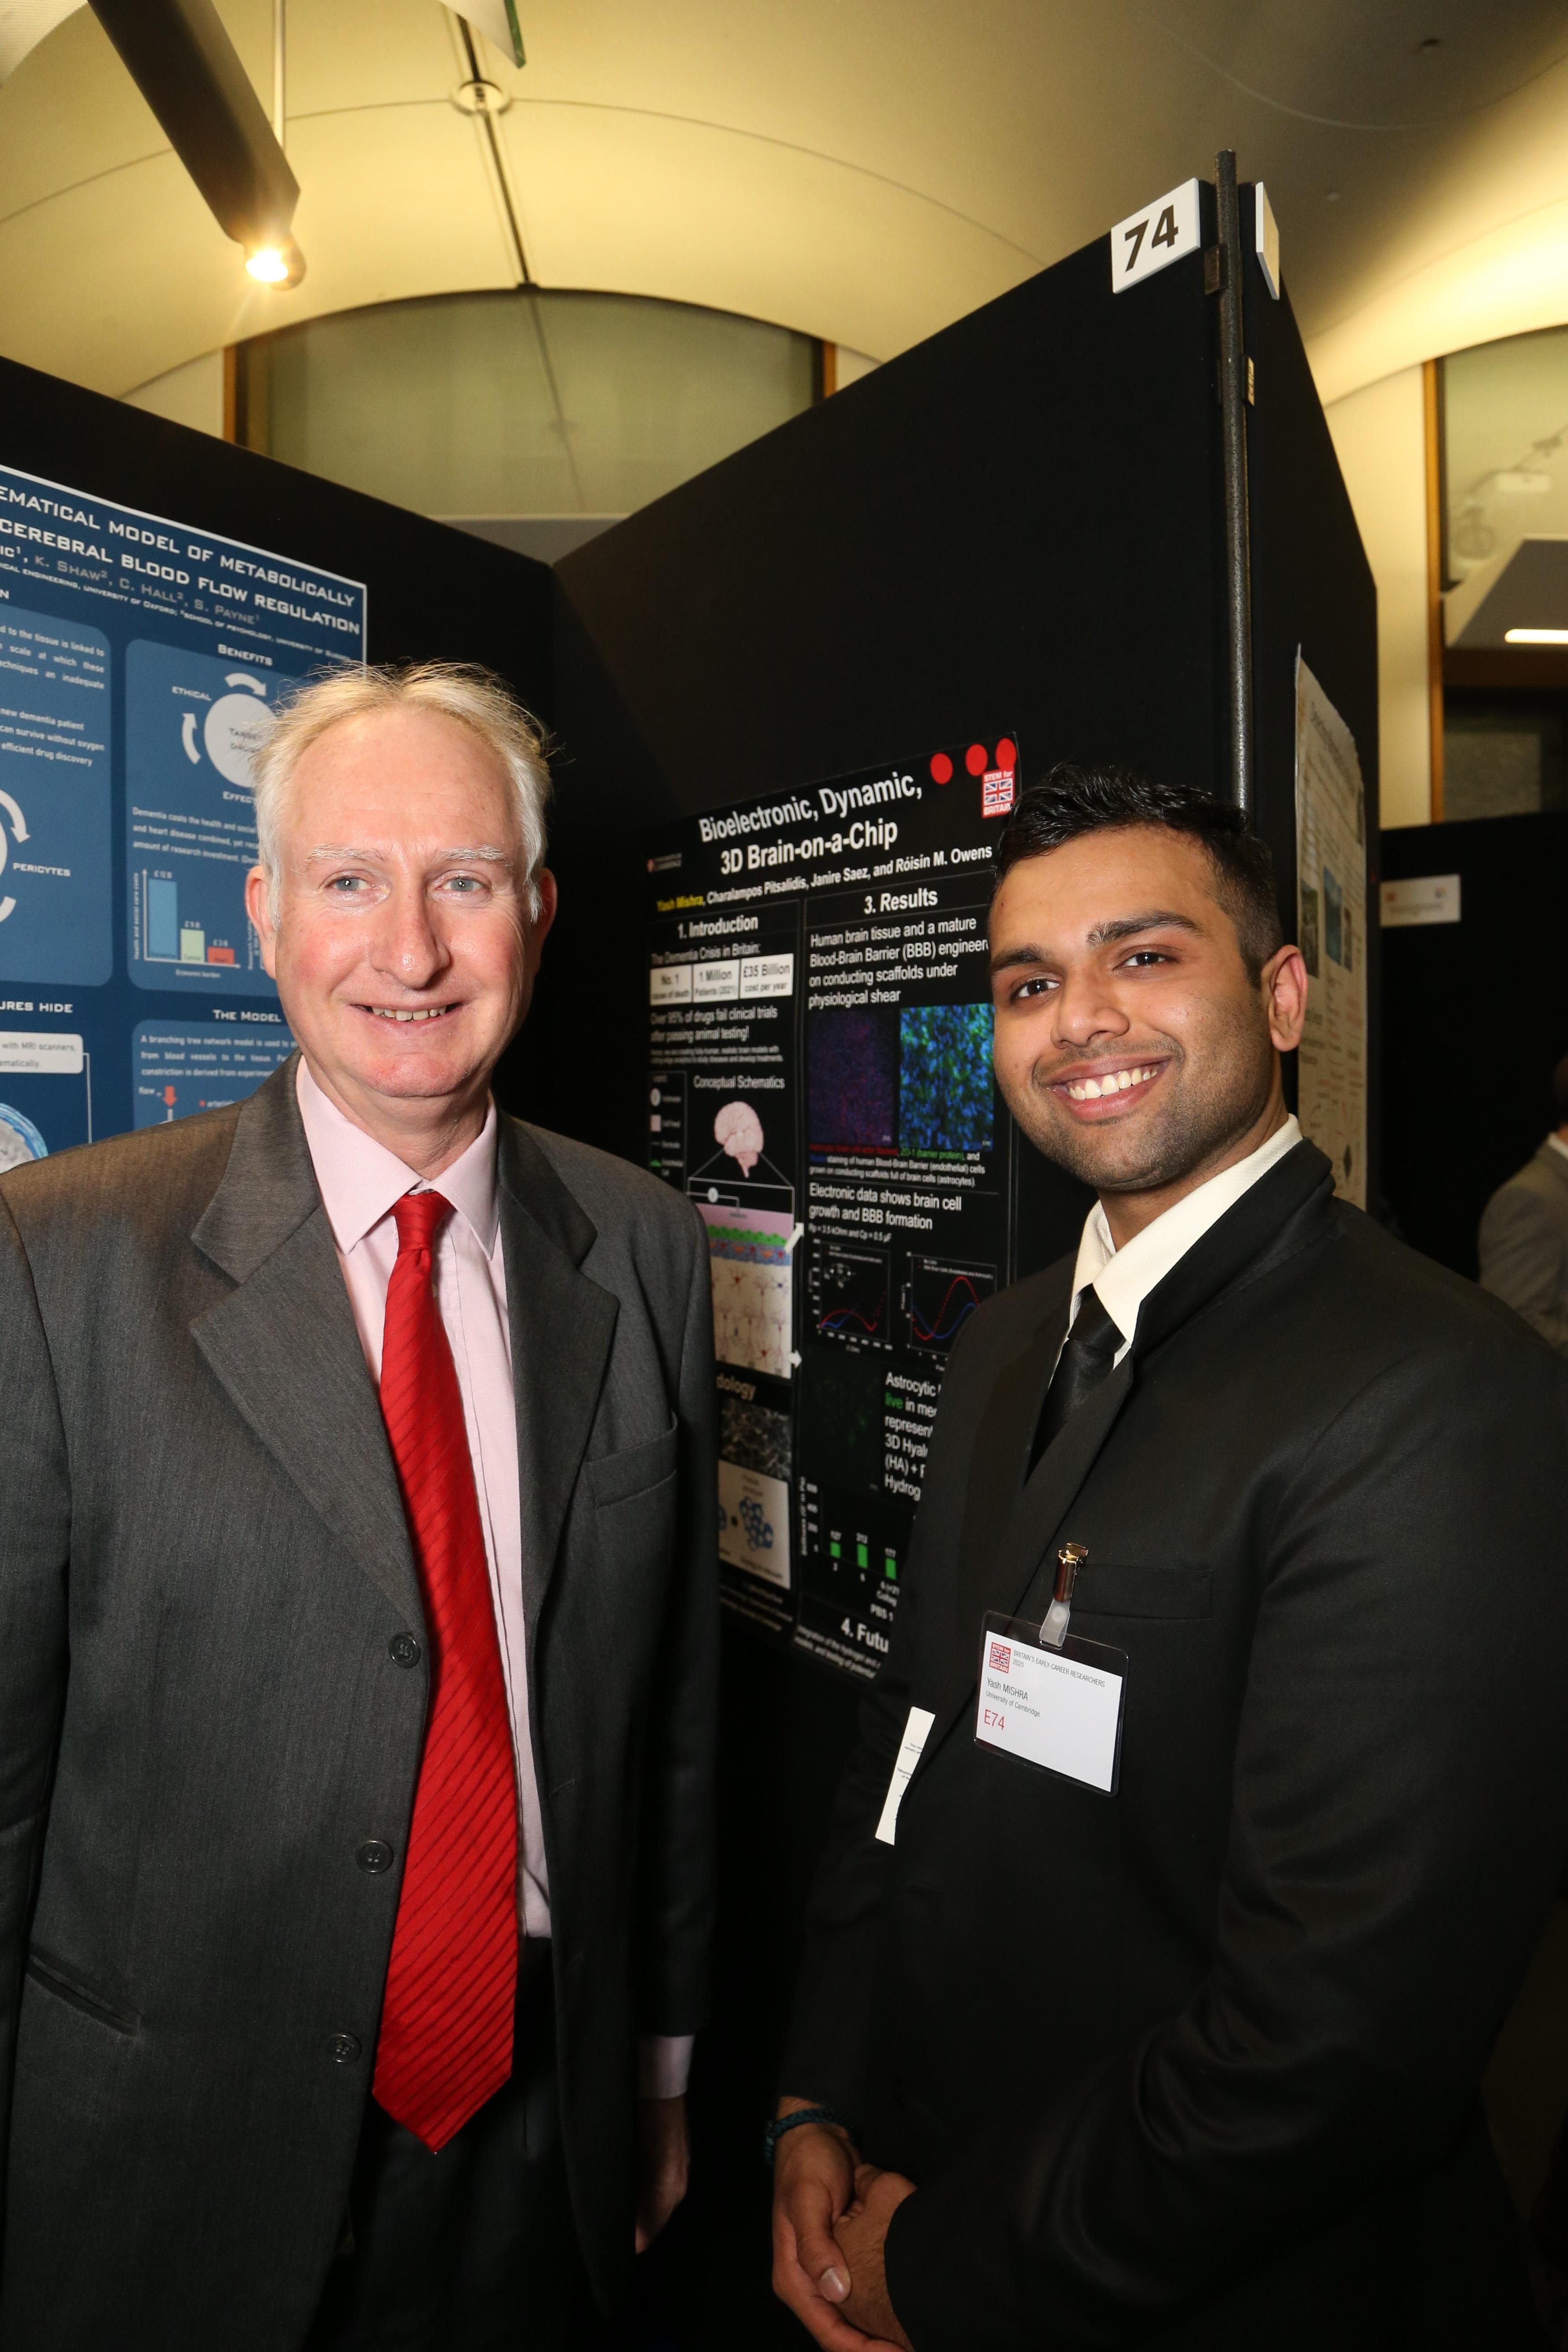 Yash Mishra with Cambridge MP Daniel Zeichner